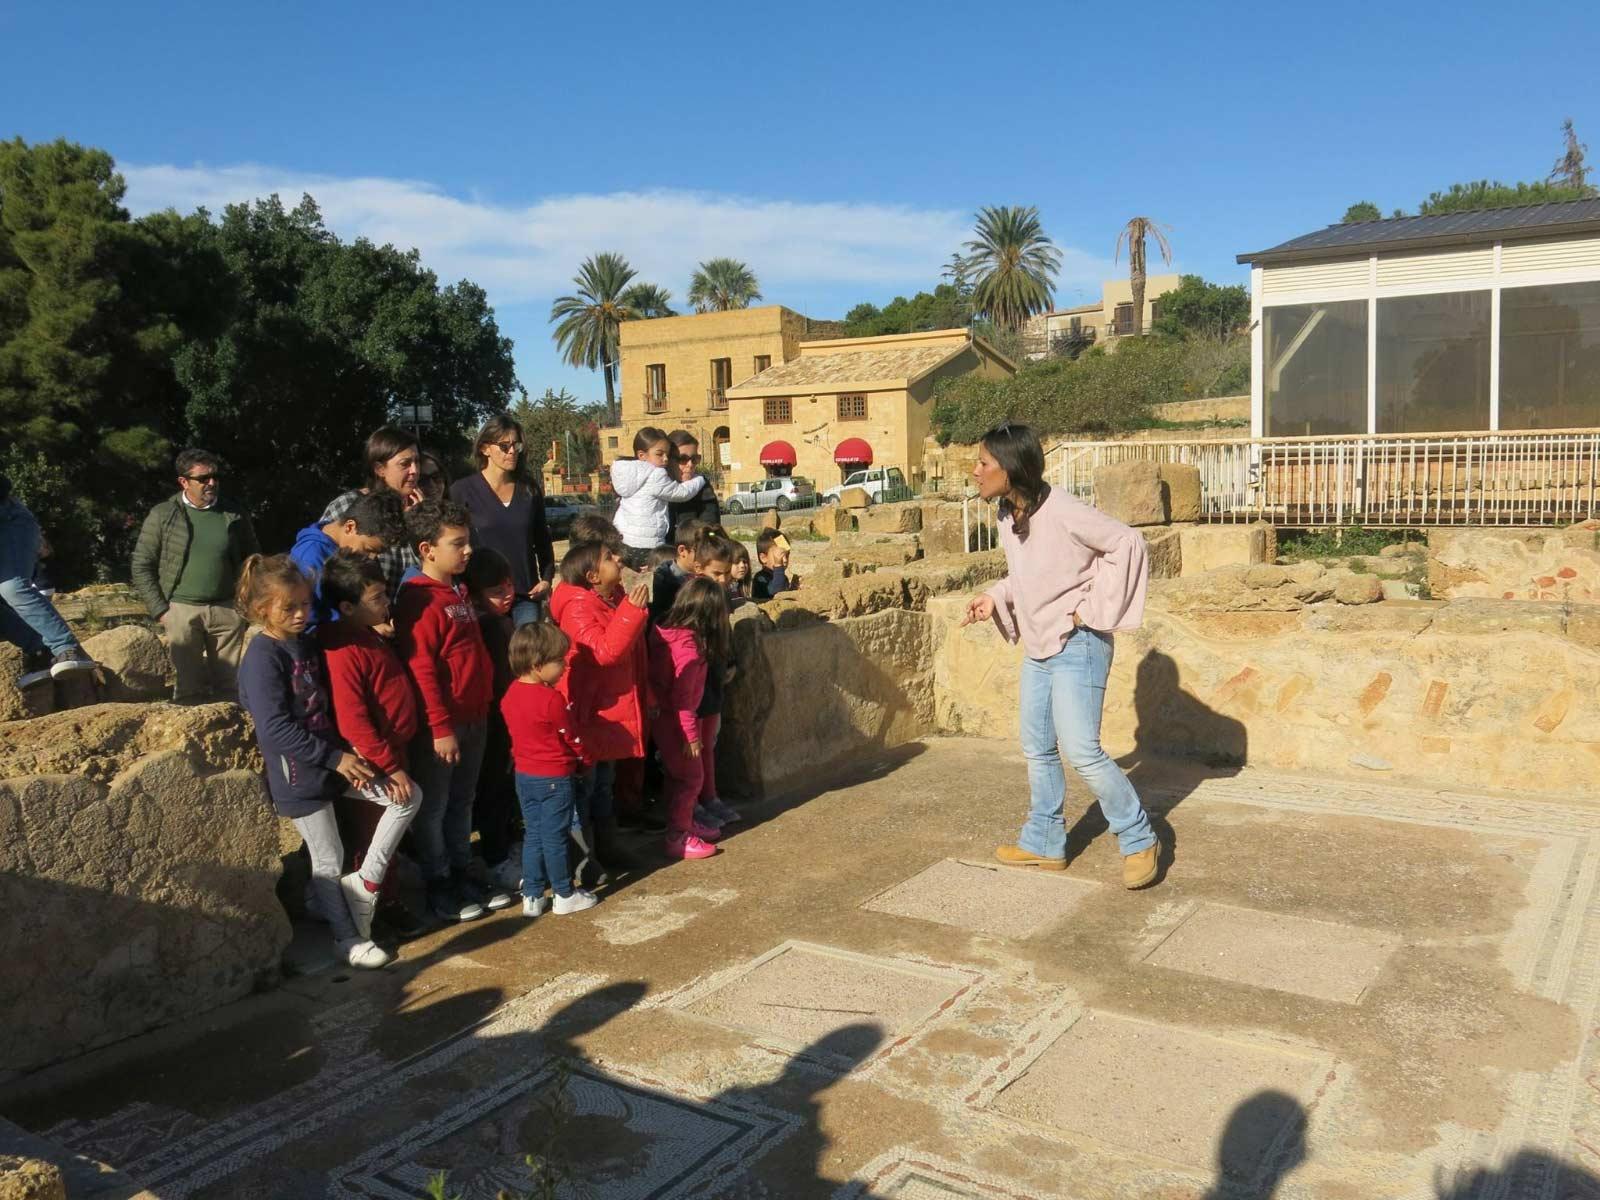 La guida Laura Danile descrive uno dei mosaici che decorano le case degli antichi a un gruppo di famiglie con bambini